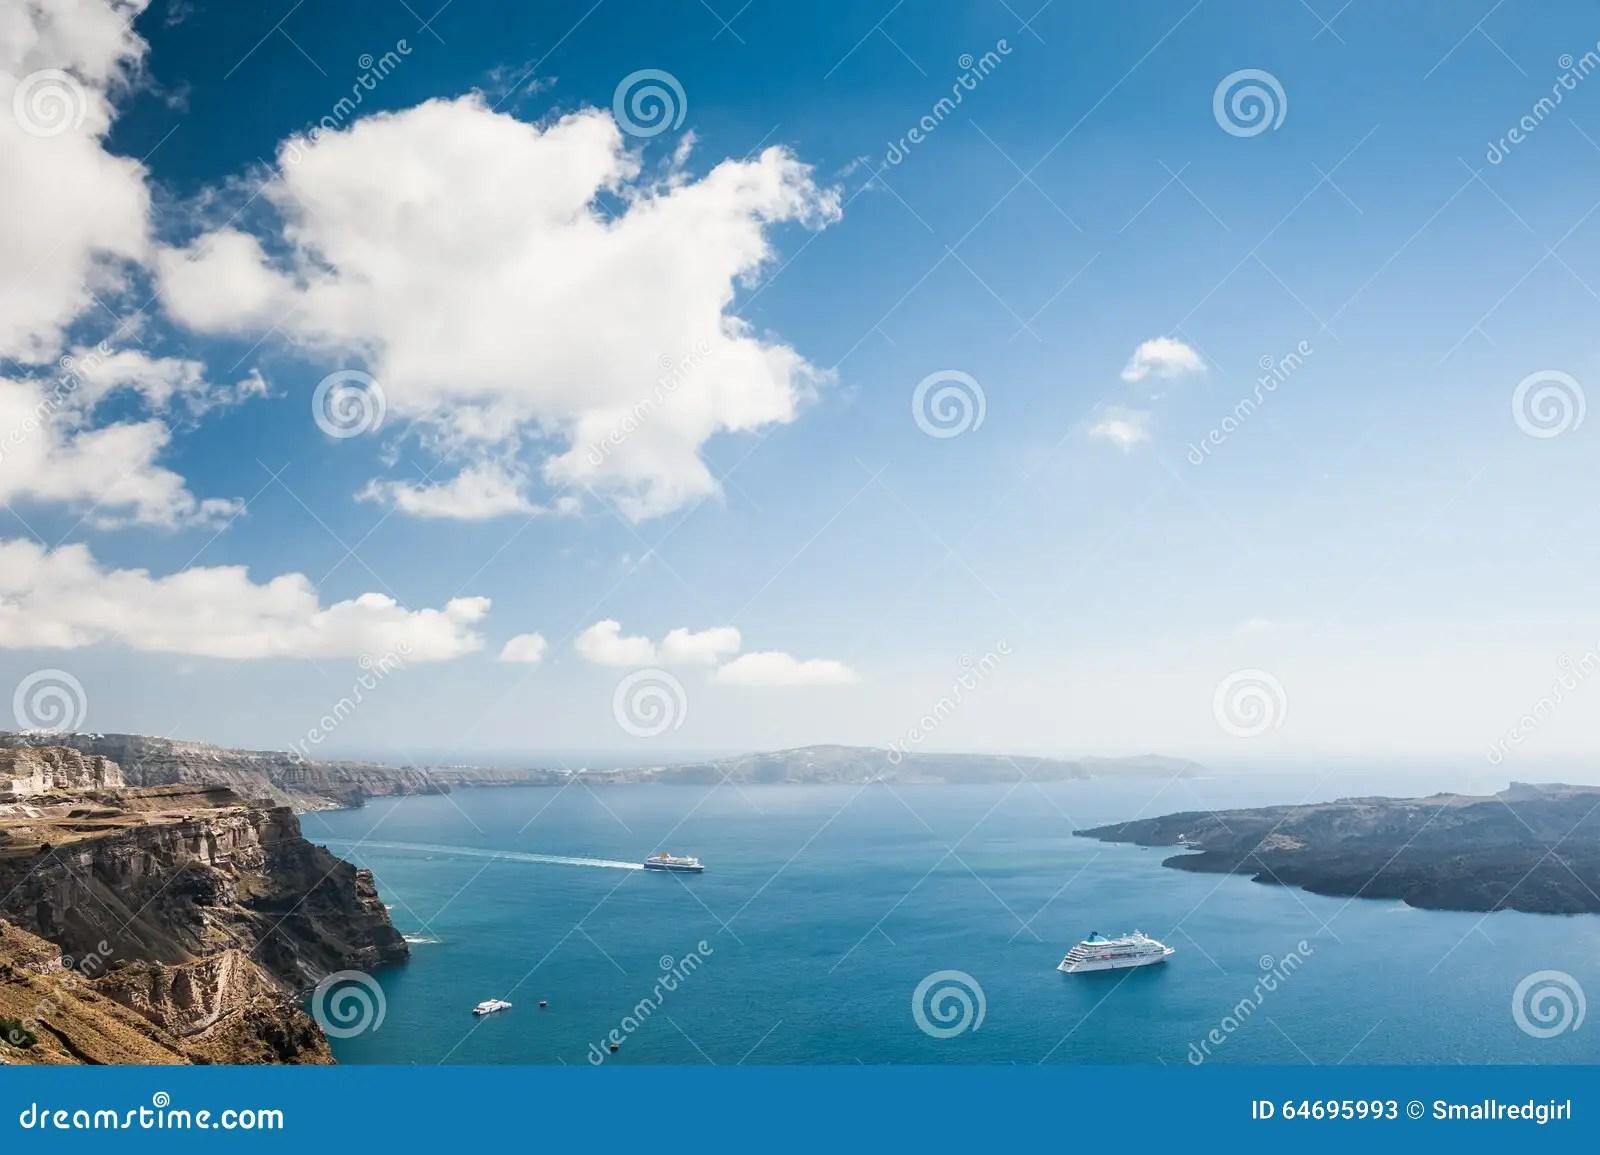 Bello Paesaggio Con La Vista Del Mare Immagine Stock  Immagine di europa cyclades 64695993